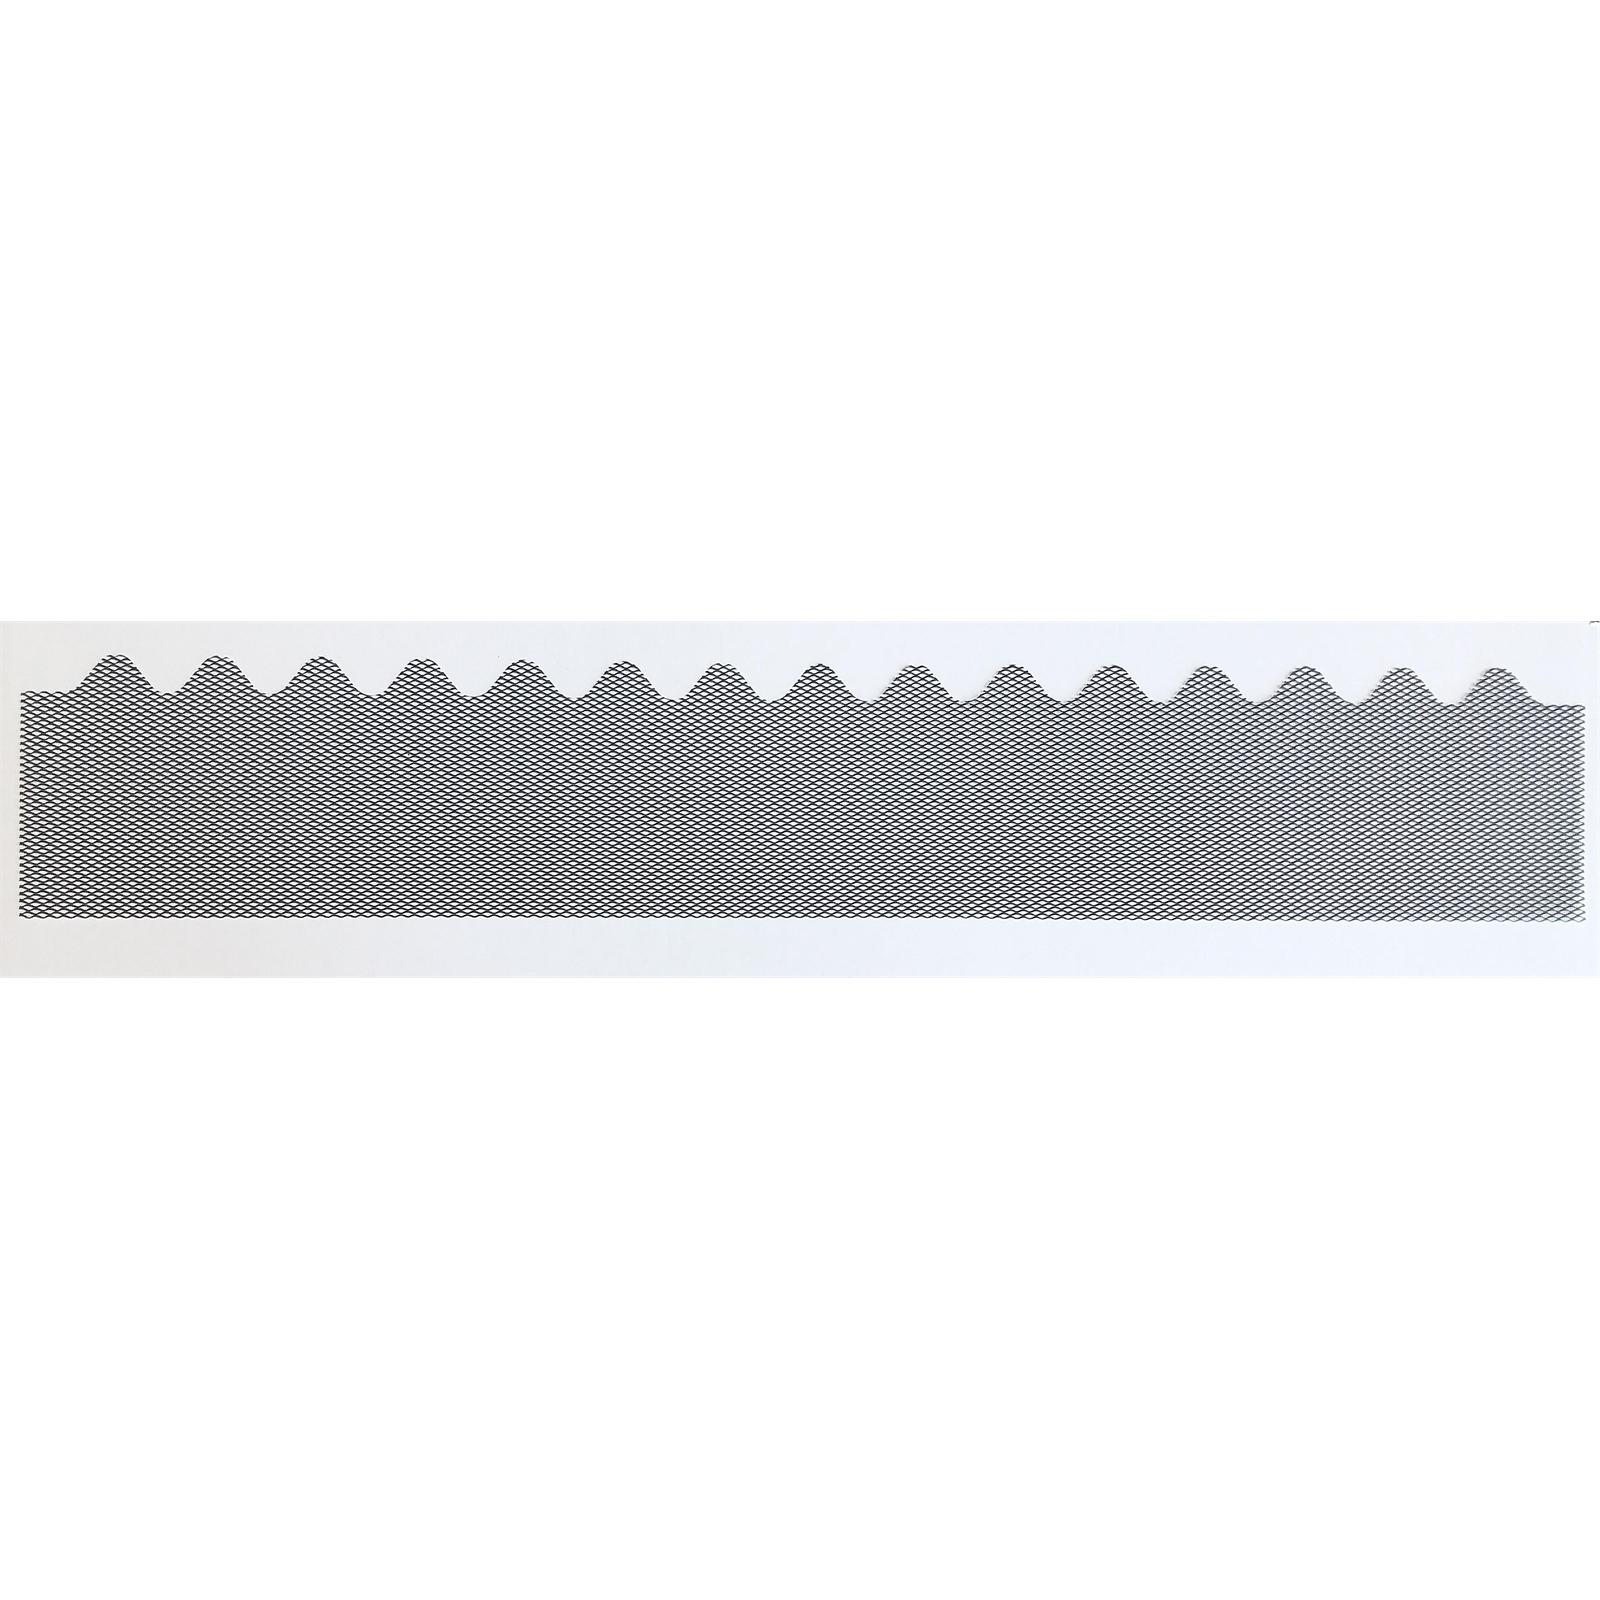 GumLeaf 1200mm Colorbond Metal Corrugated Gutter Guard - Woodland Grey